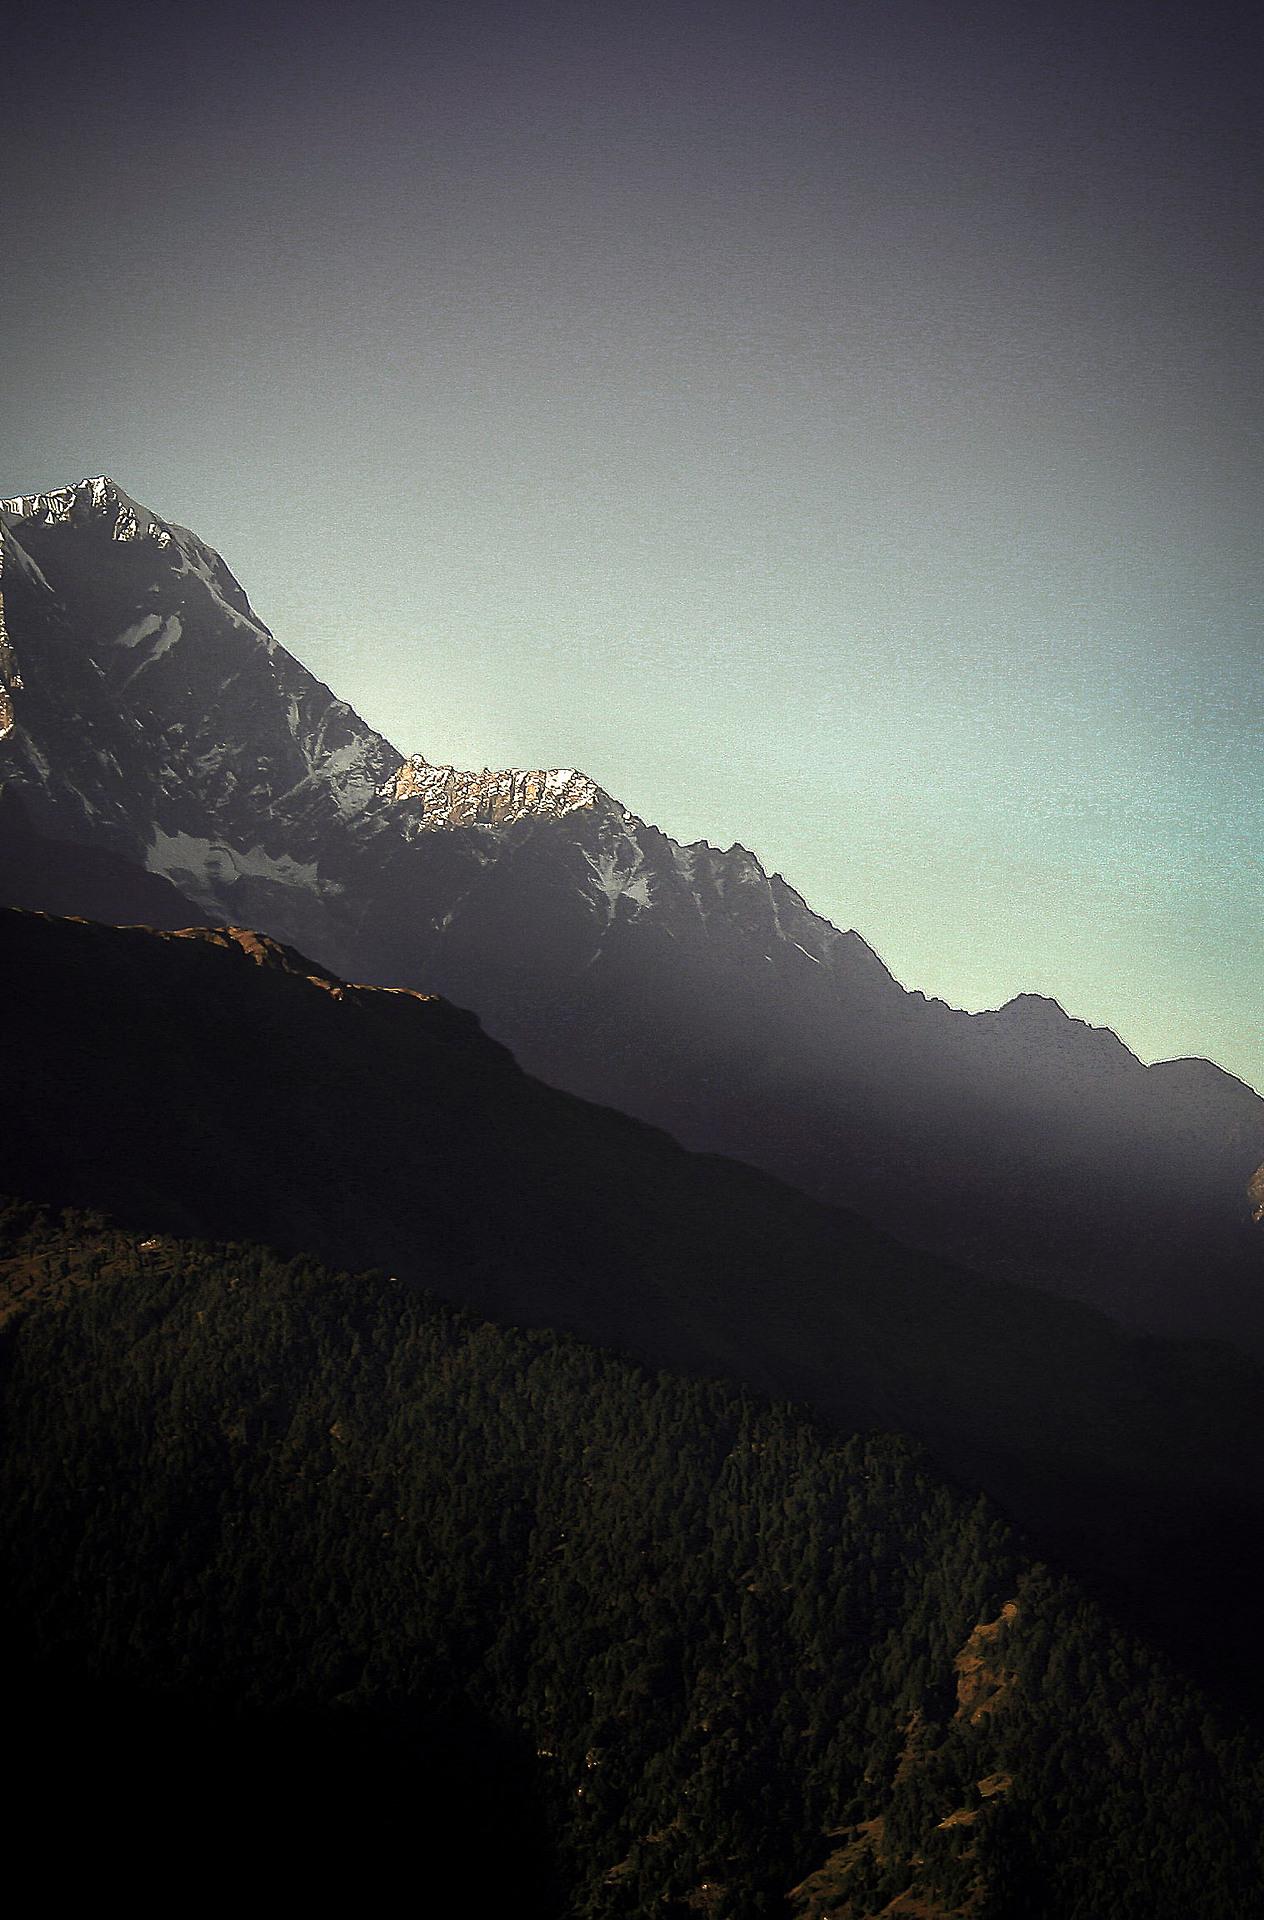 Peisaje... - Page 11 Tumblr_static_du2xa0ax5v4swso4gw8o08cwg